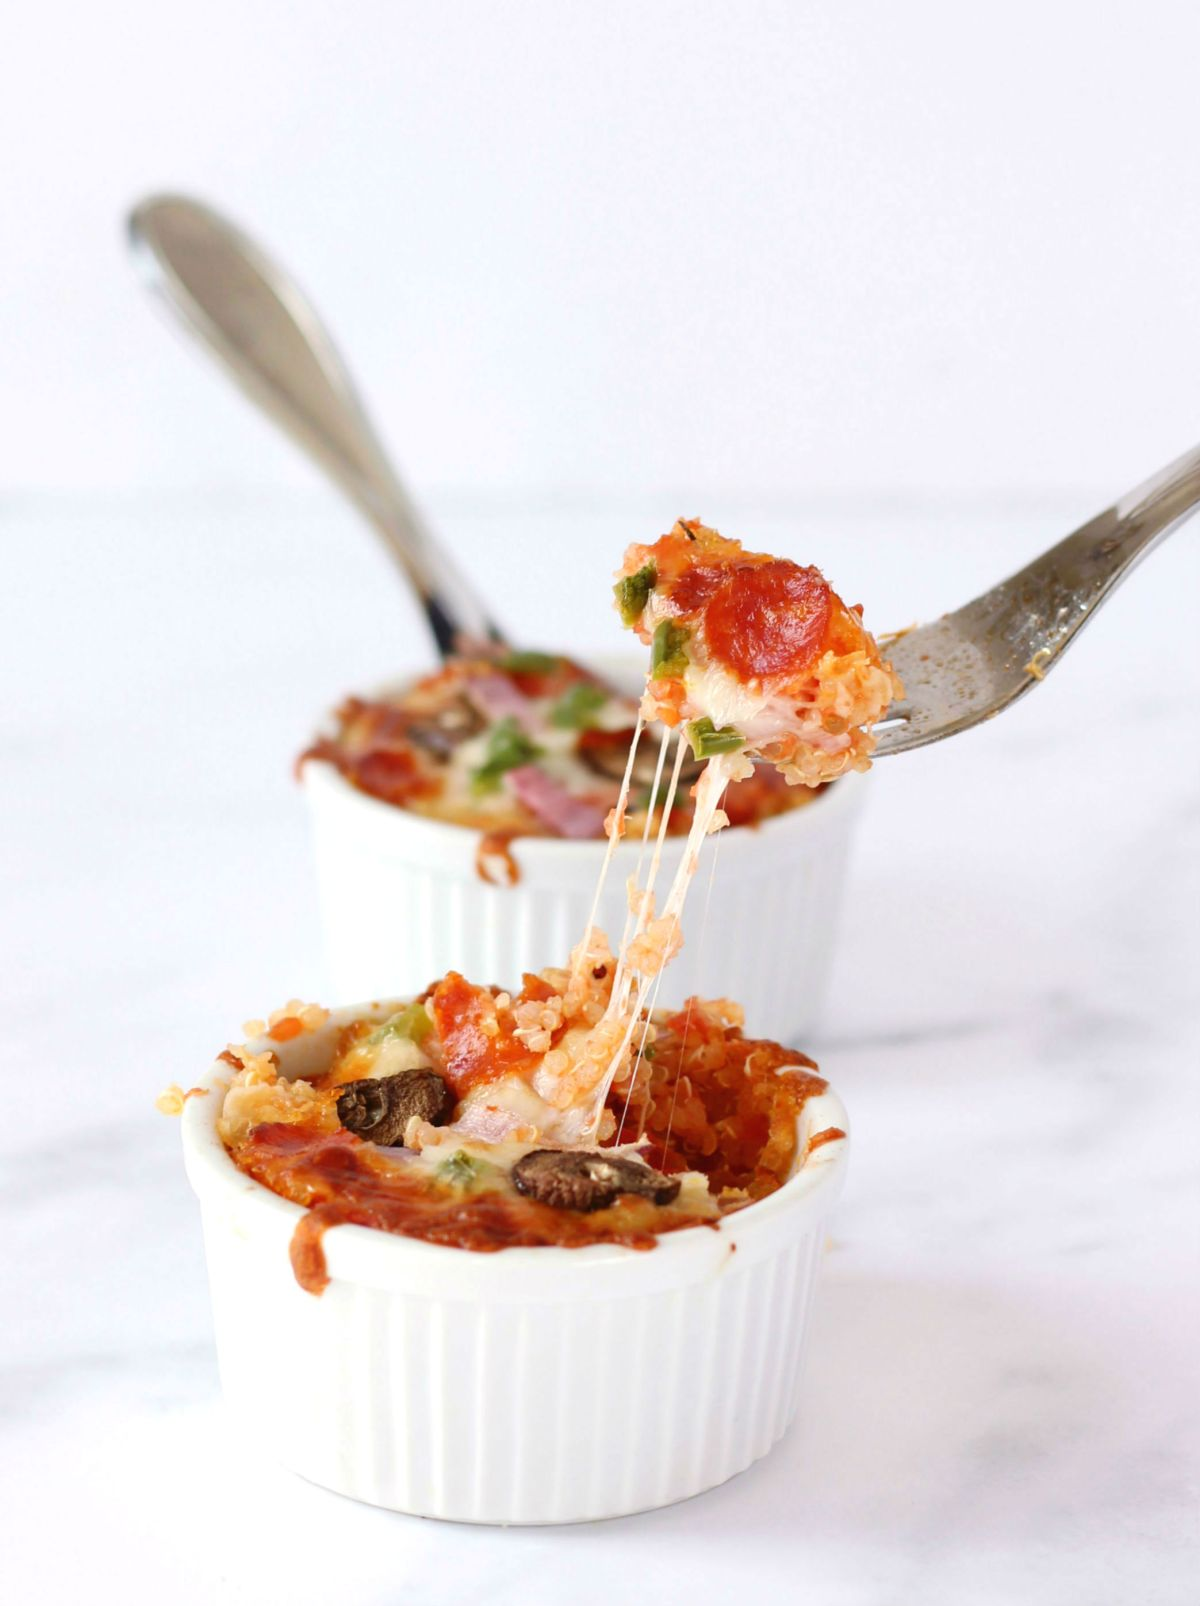 Healthy Alternative to Pizza: Gluten-Free Quinoa Pizza Bowls.